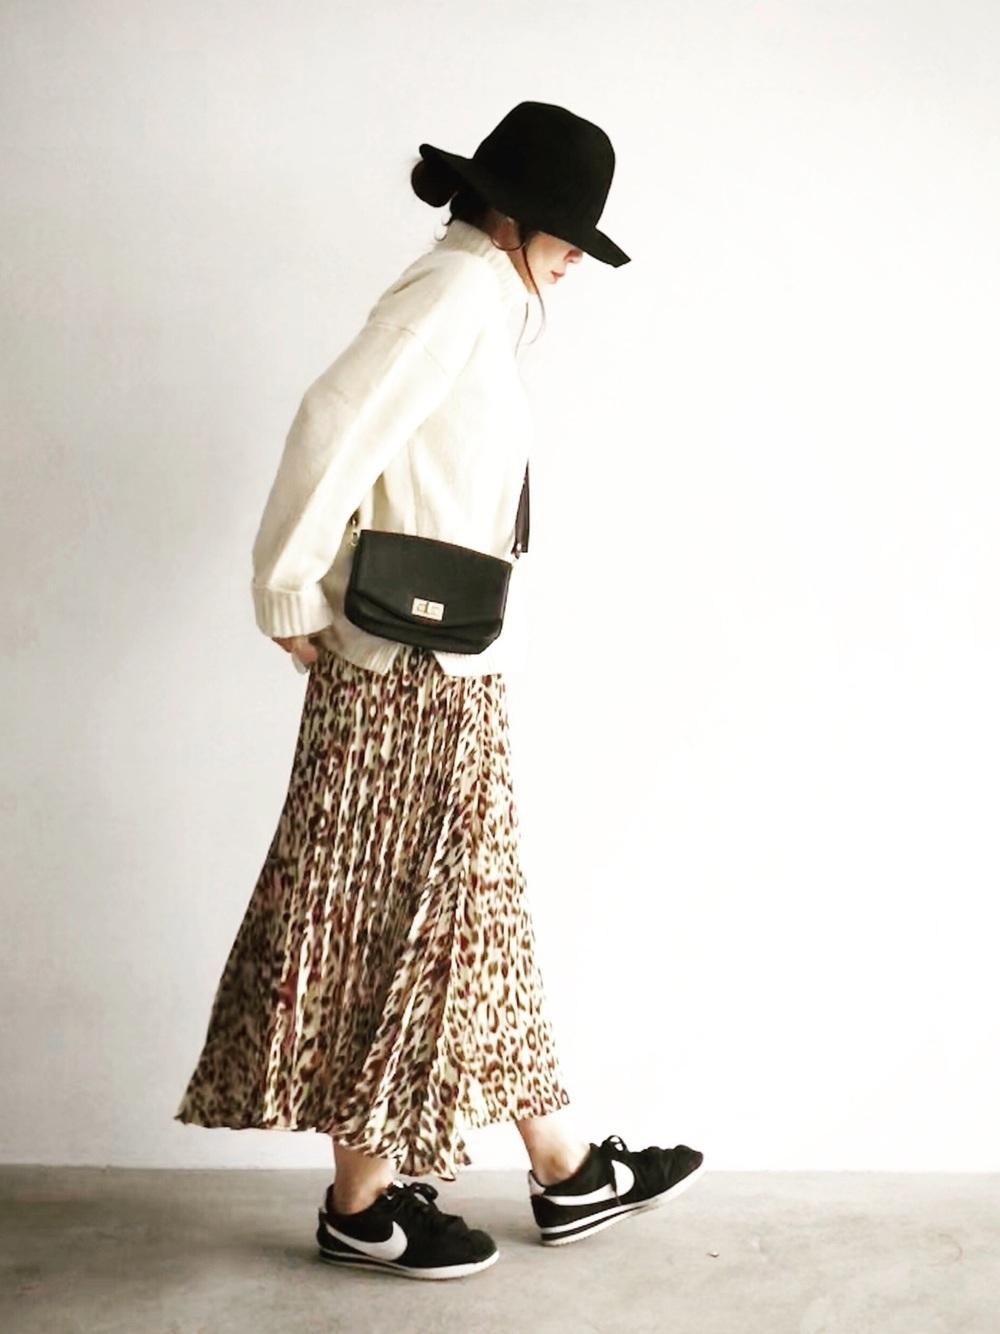 レオパードスカートと黒ナイキスニーカー